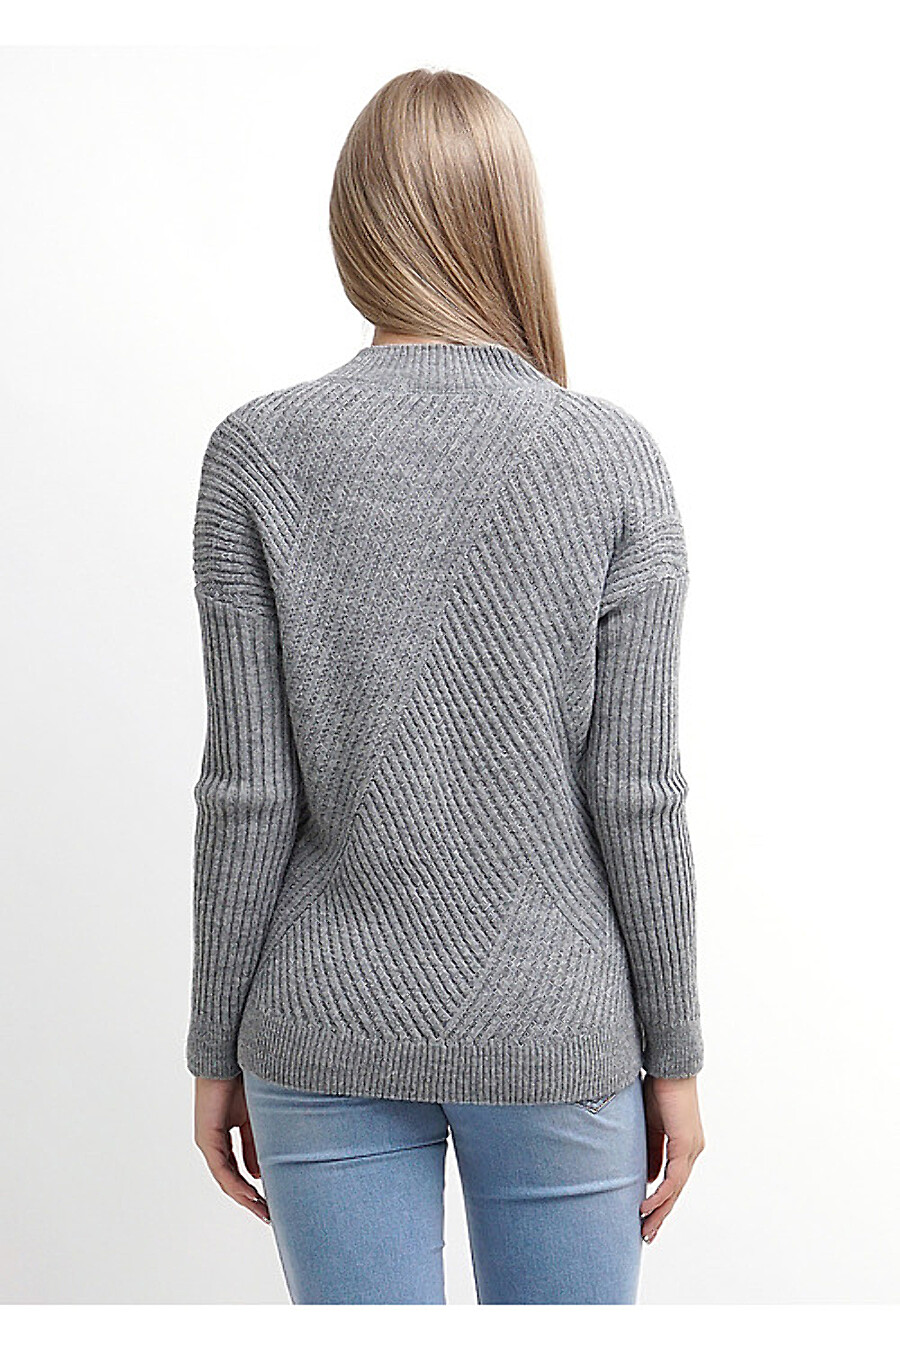 Джемпер для женщин CLEVER 155169 купить оптом от производителя. Совместная покупка женской одежды в OptMoyo